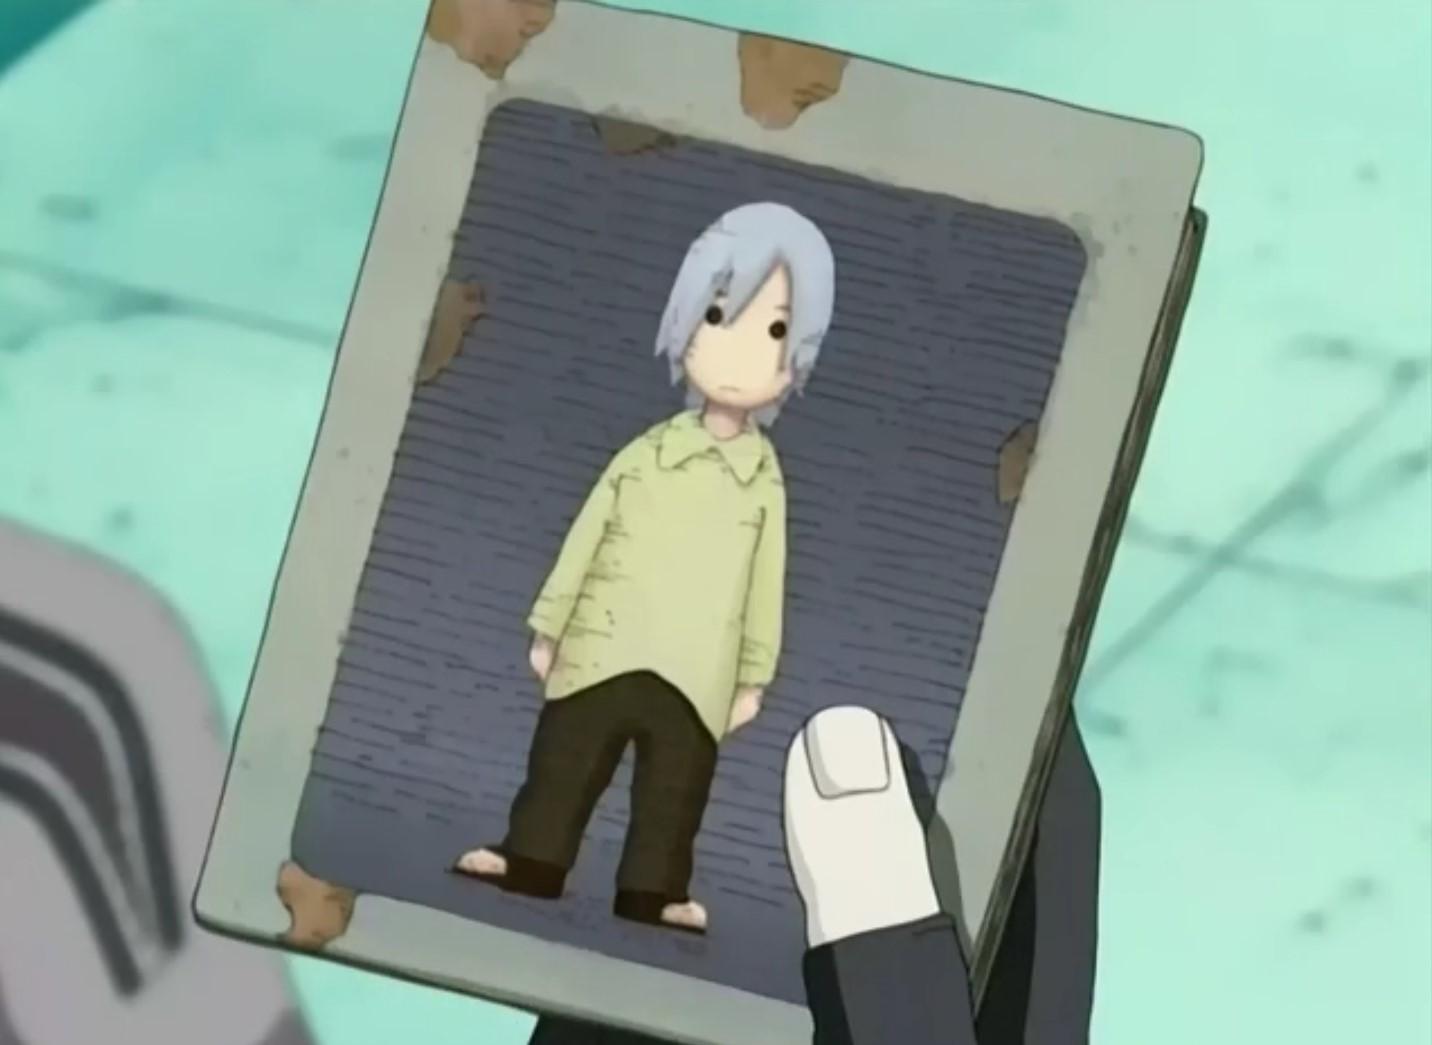 Naruto Shippuden Episódio 46, Assistir Naruto Shippuden Episódio 46, Assistir Naruto Shippuden Todos os Episódios Legendado, Naruto Shippuden episódio 46,HD